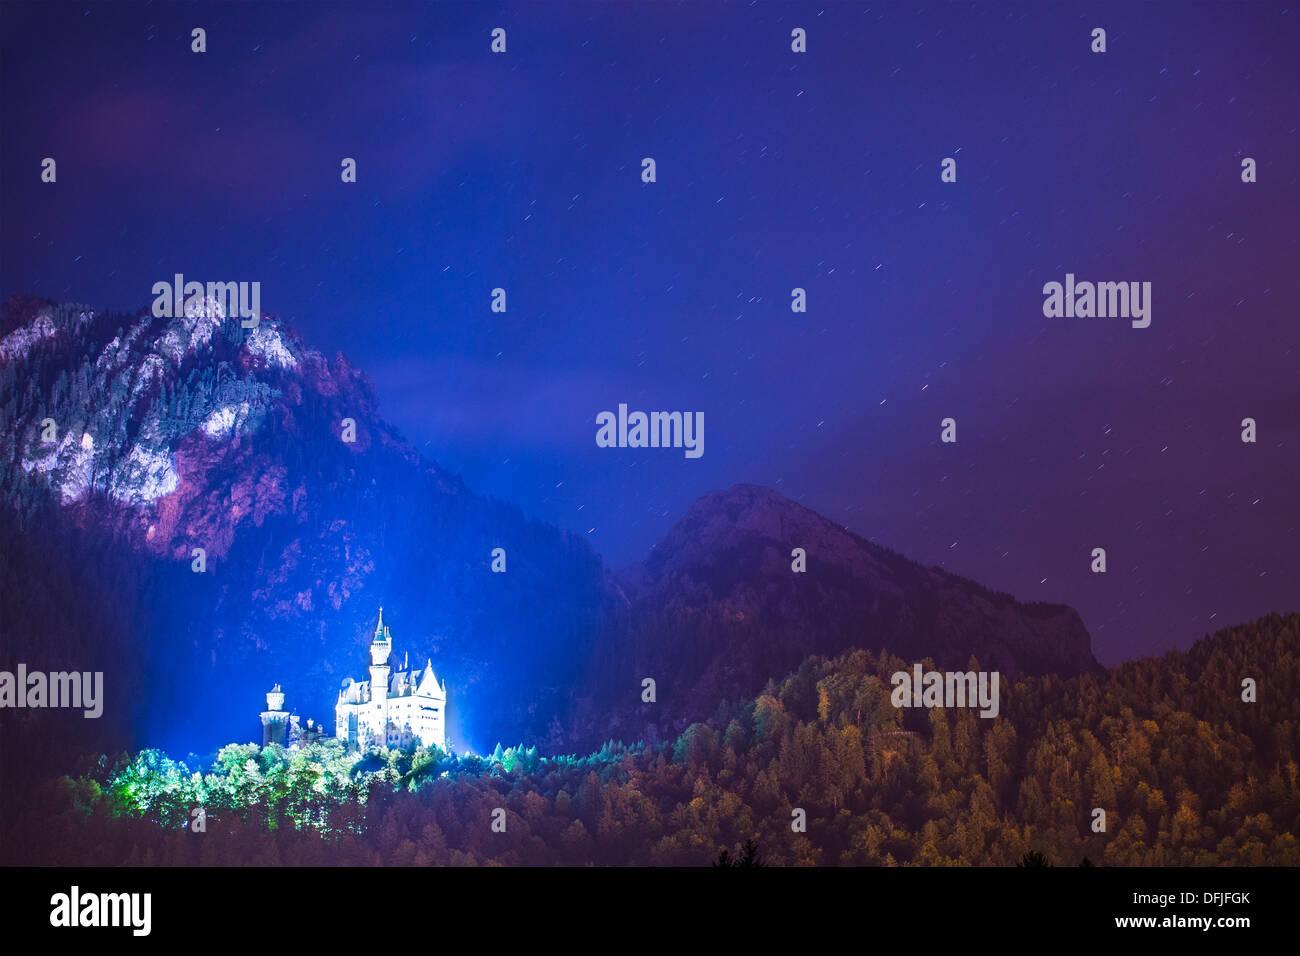 El castillo de Neuschwanstein en la noche en Fussen, Alemania. Imagen De Stock